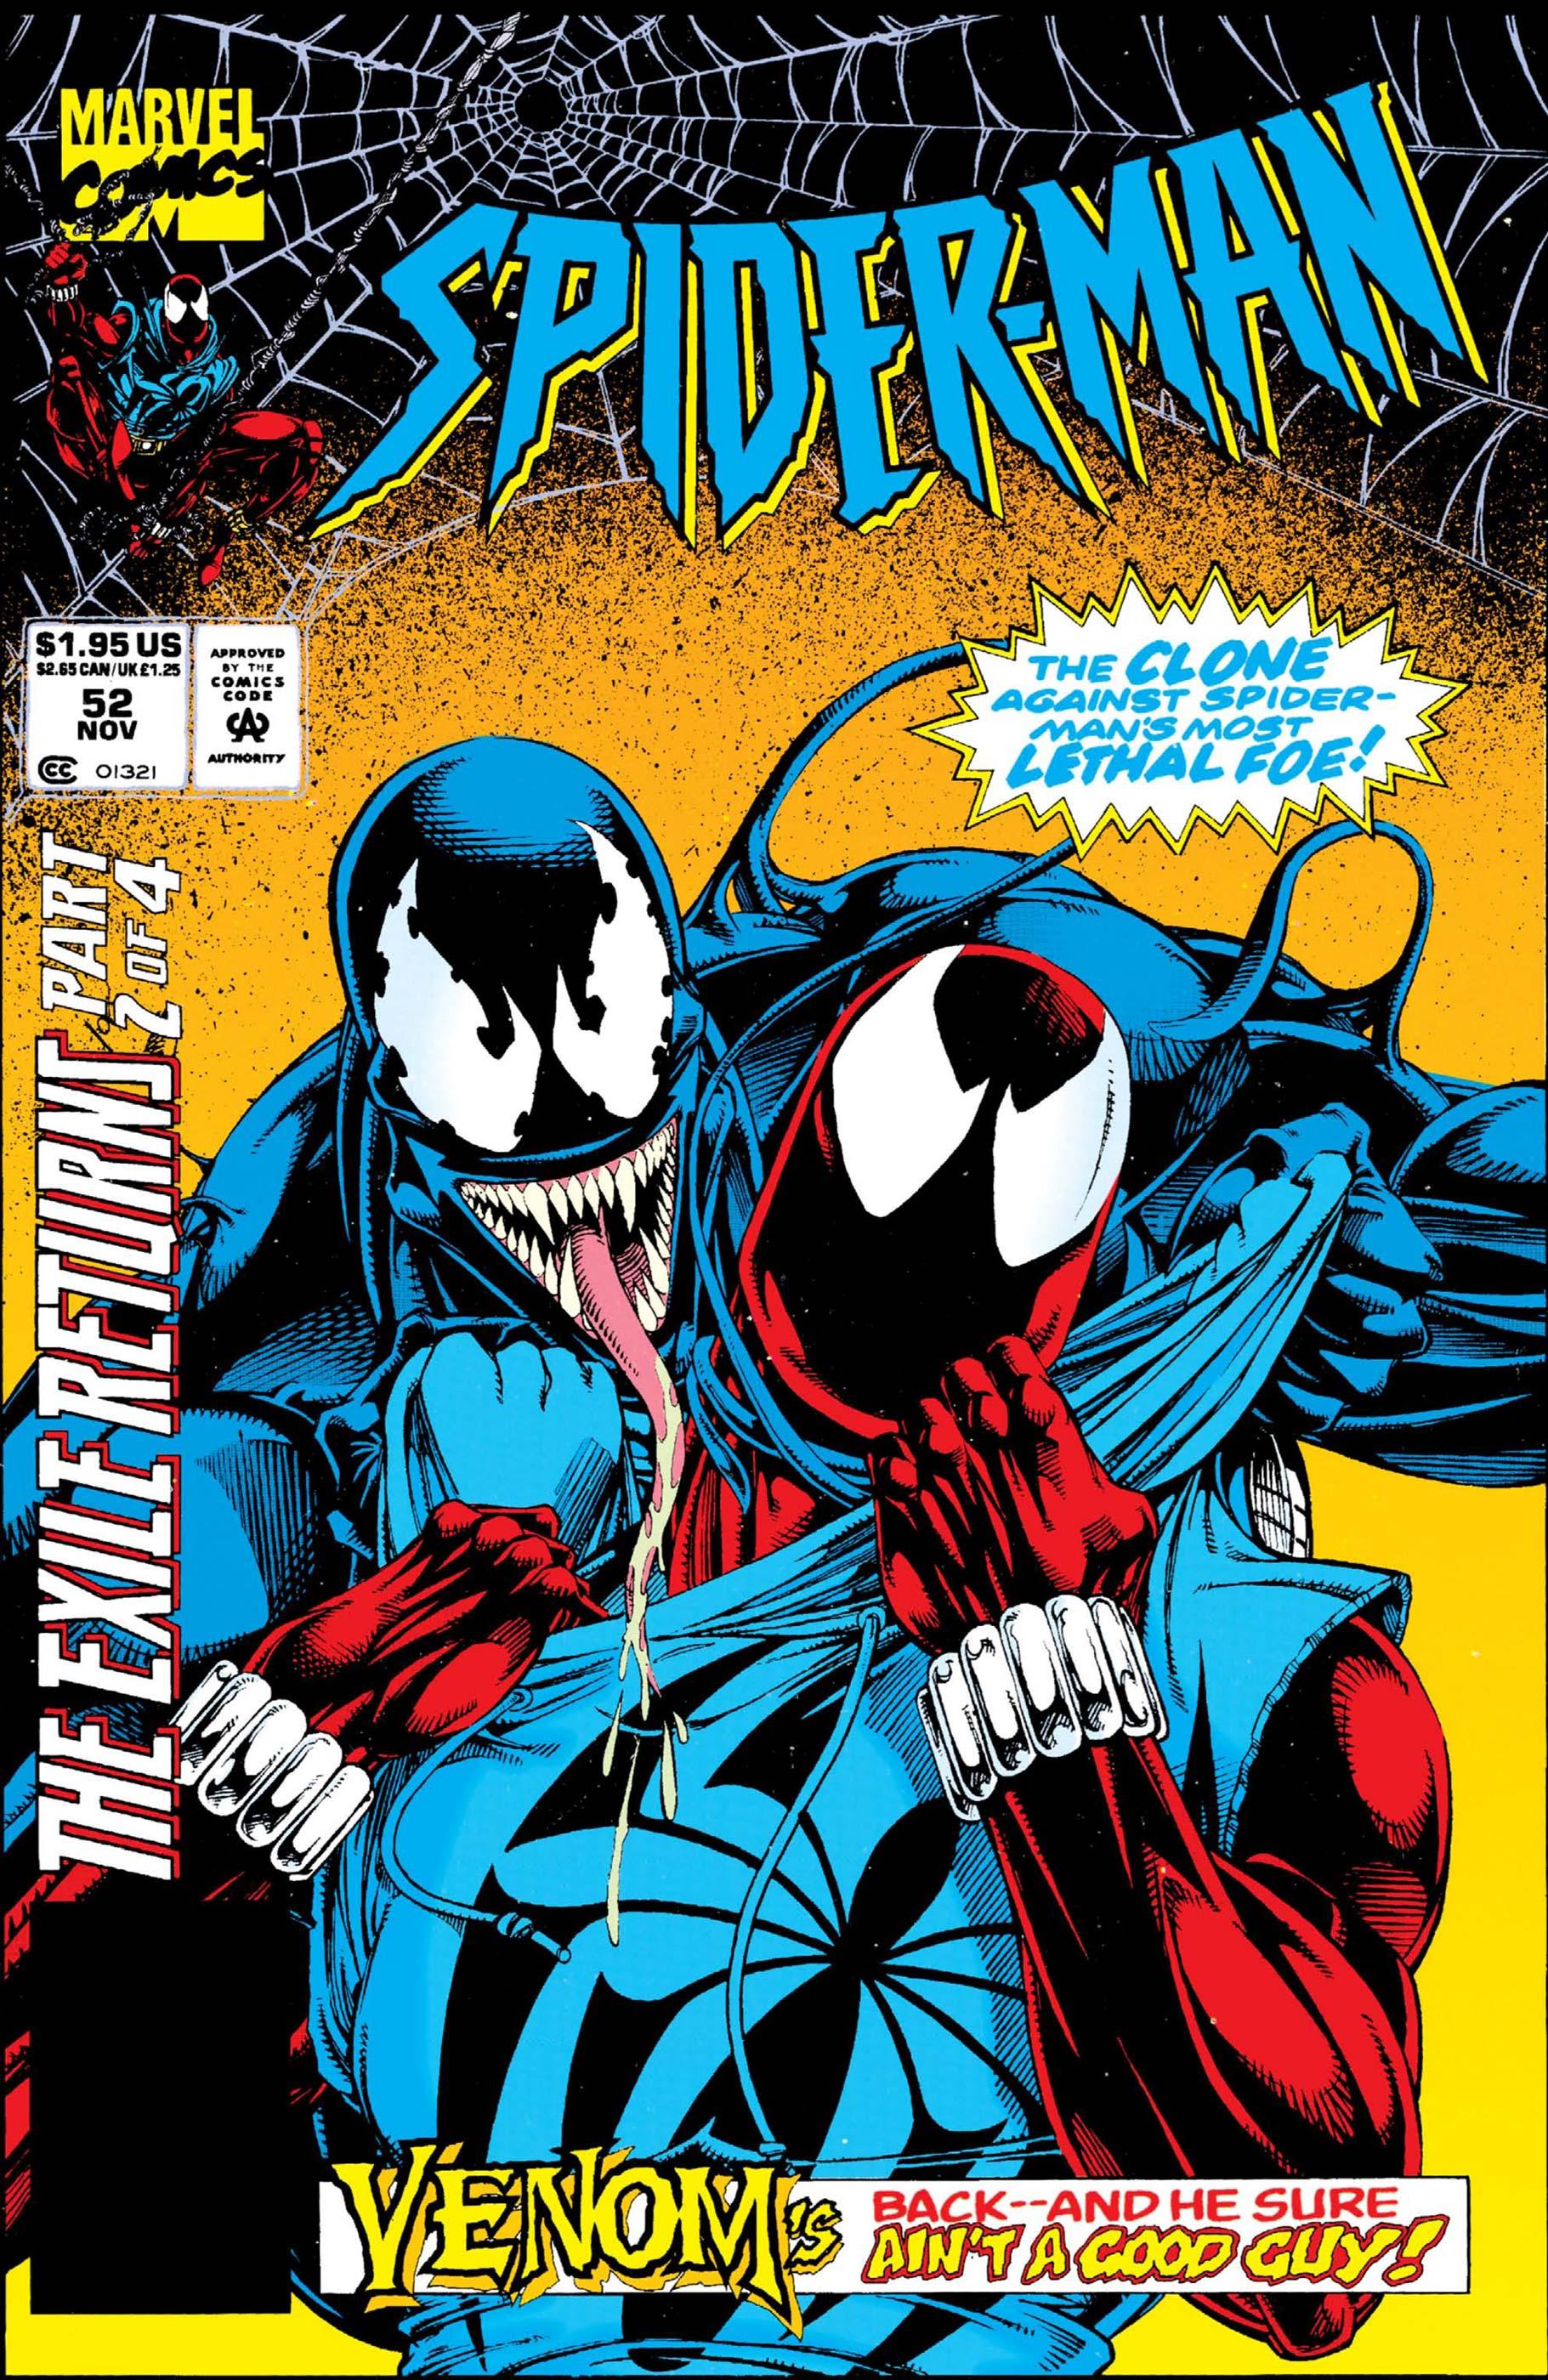 Spider-Man (1990) #52